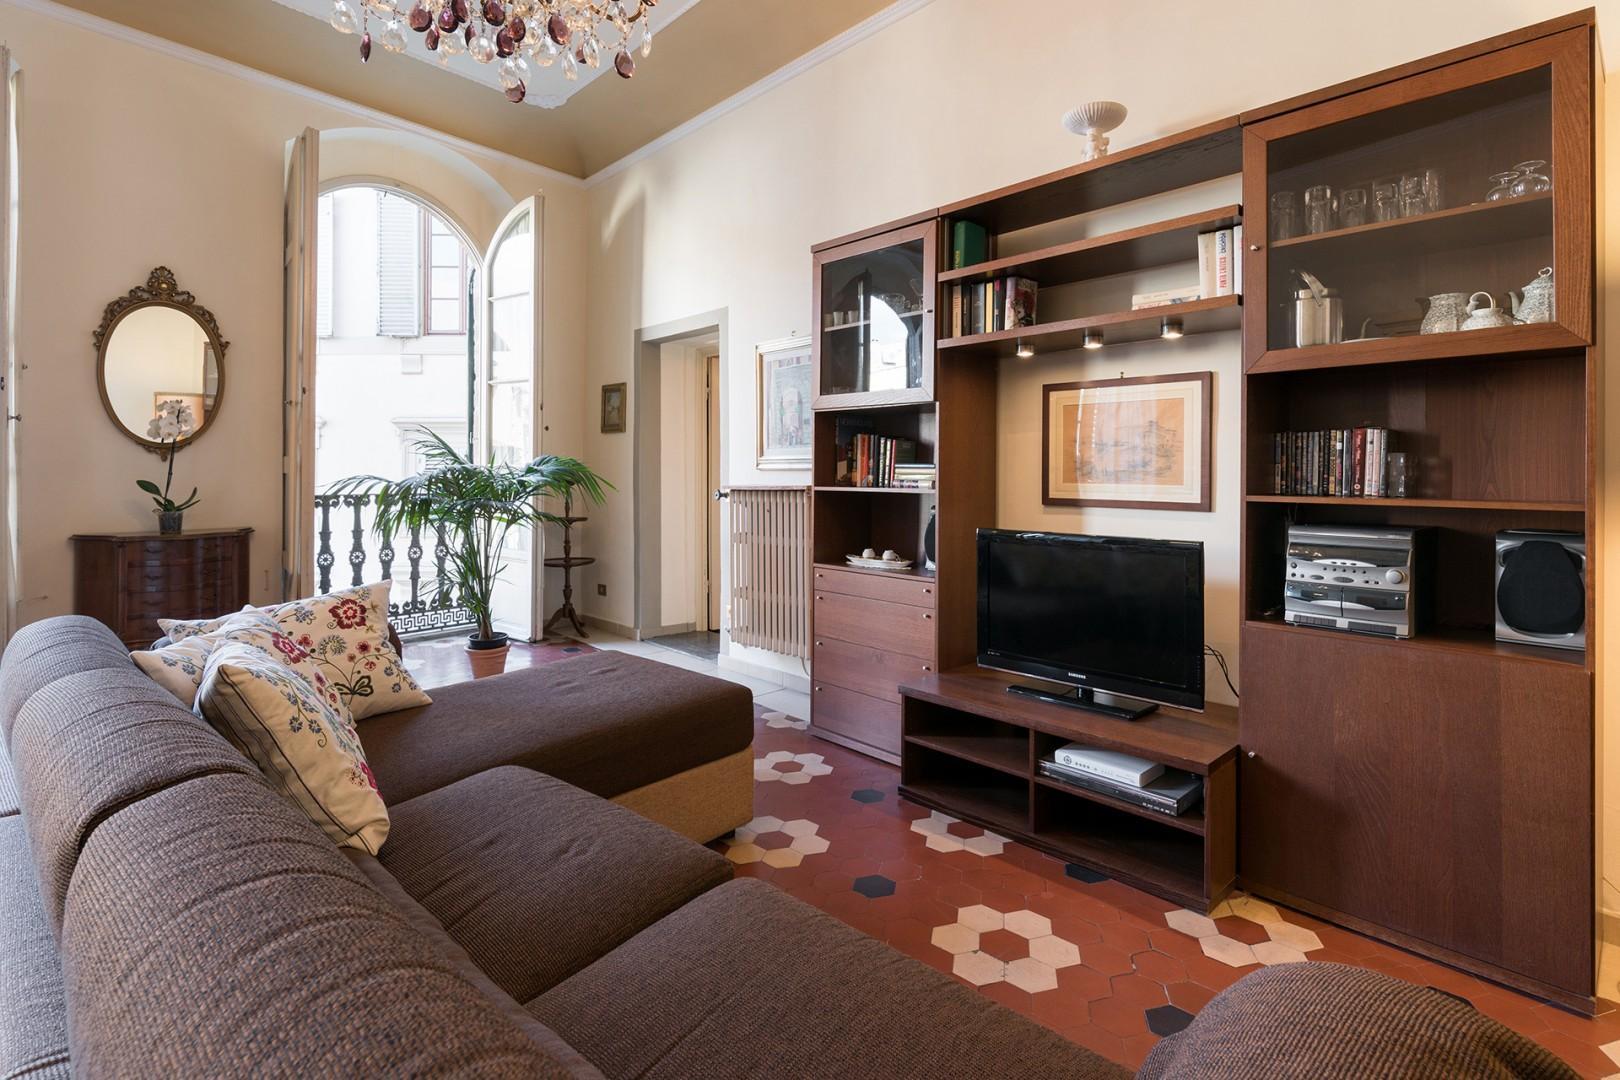 Living room windows overlooks Via della Spada.